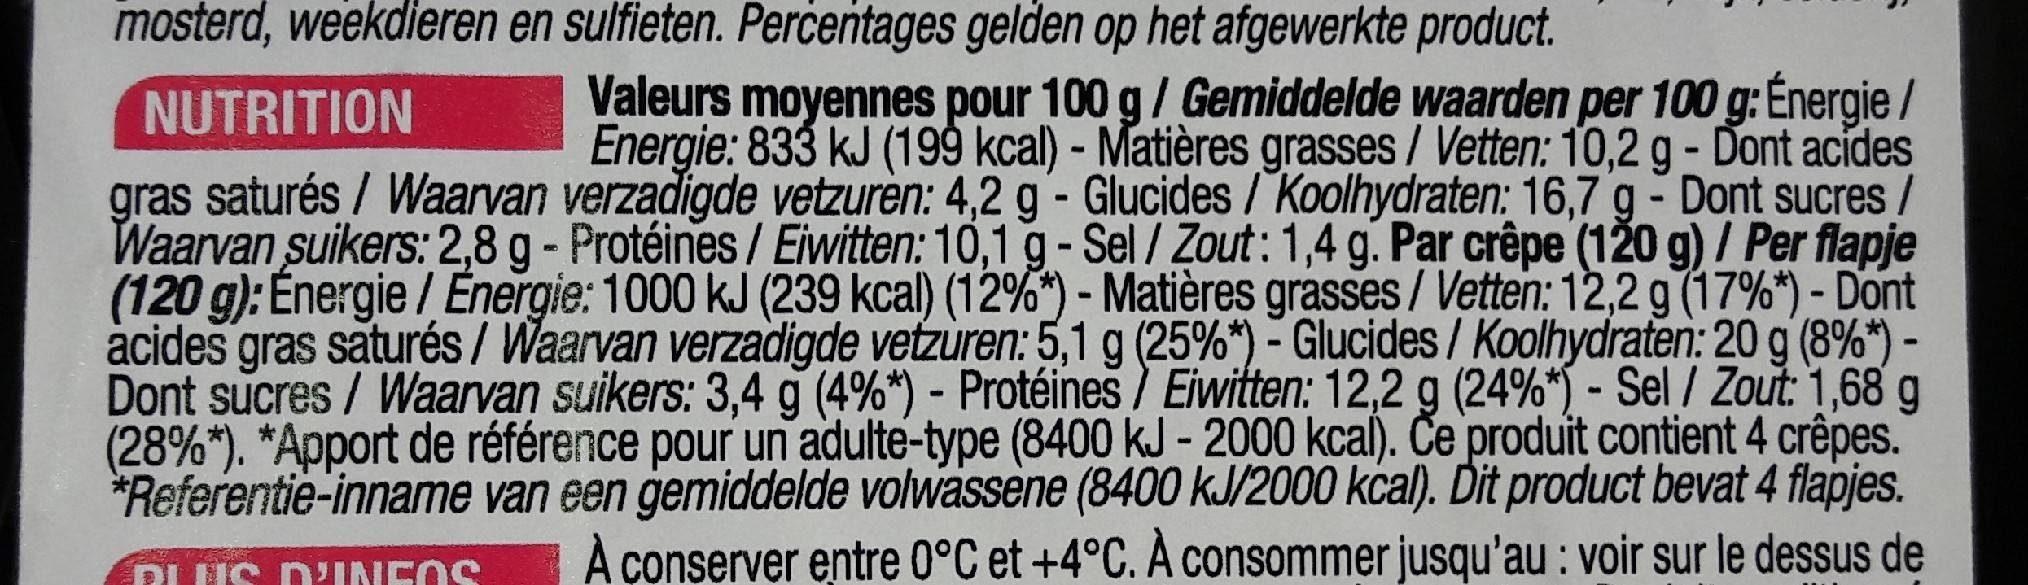 Crêpes jambon emmental - Nutrition facts - fr